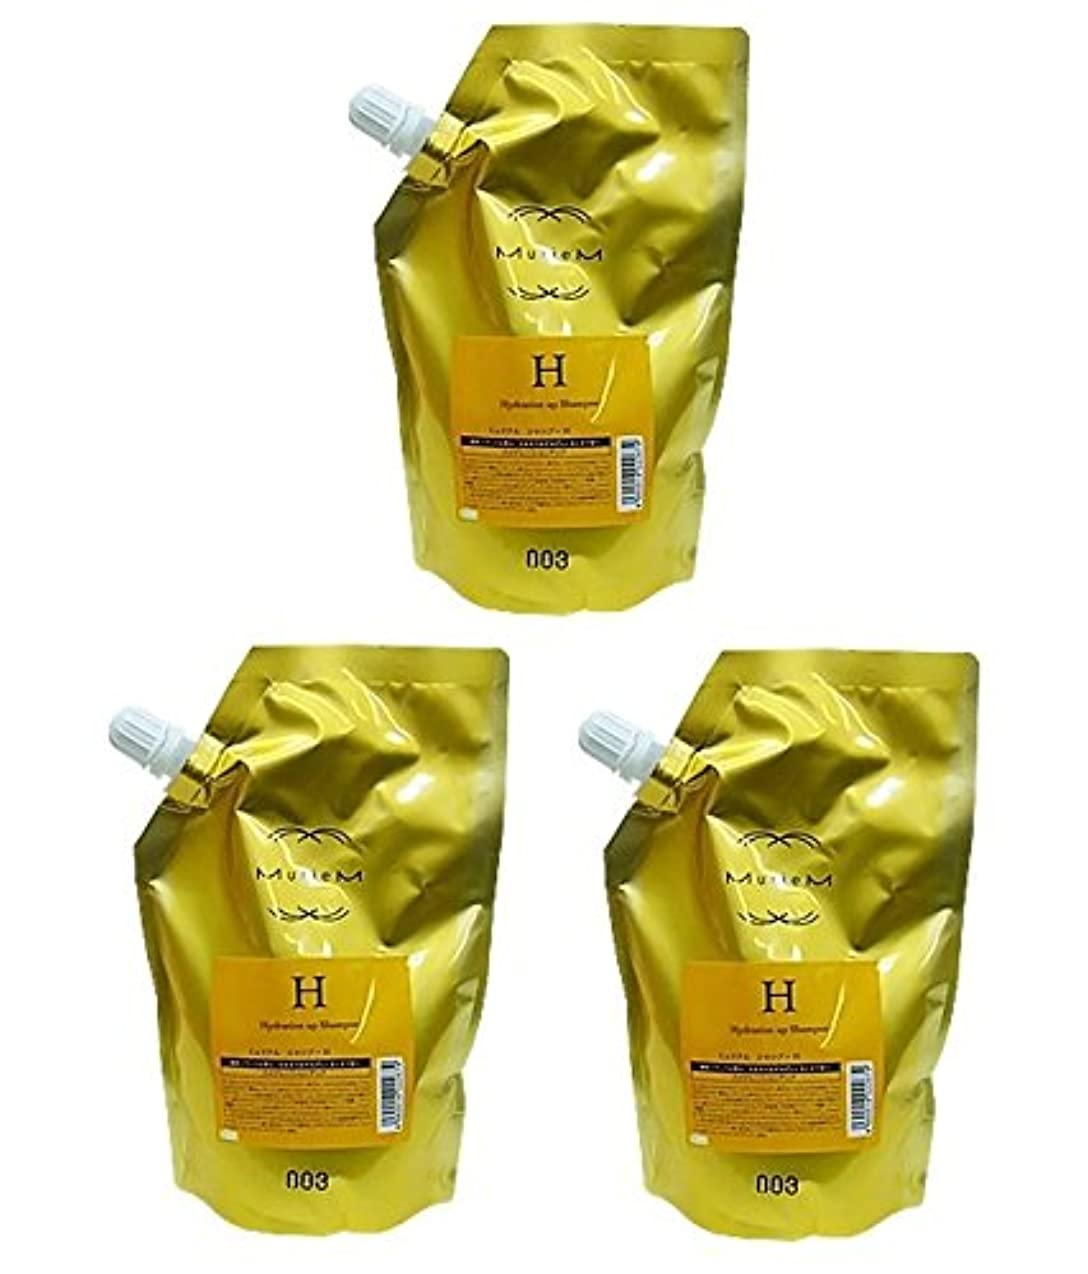 ハッチ忠実に契約する【X3個セット】 ナンバースリー ミュリアム ゴールド シャンプー H 500ml 詰替え用